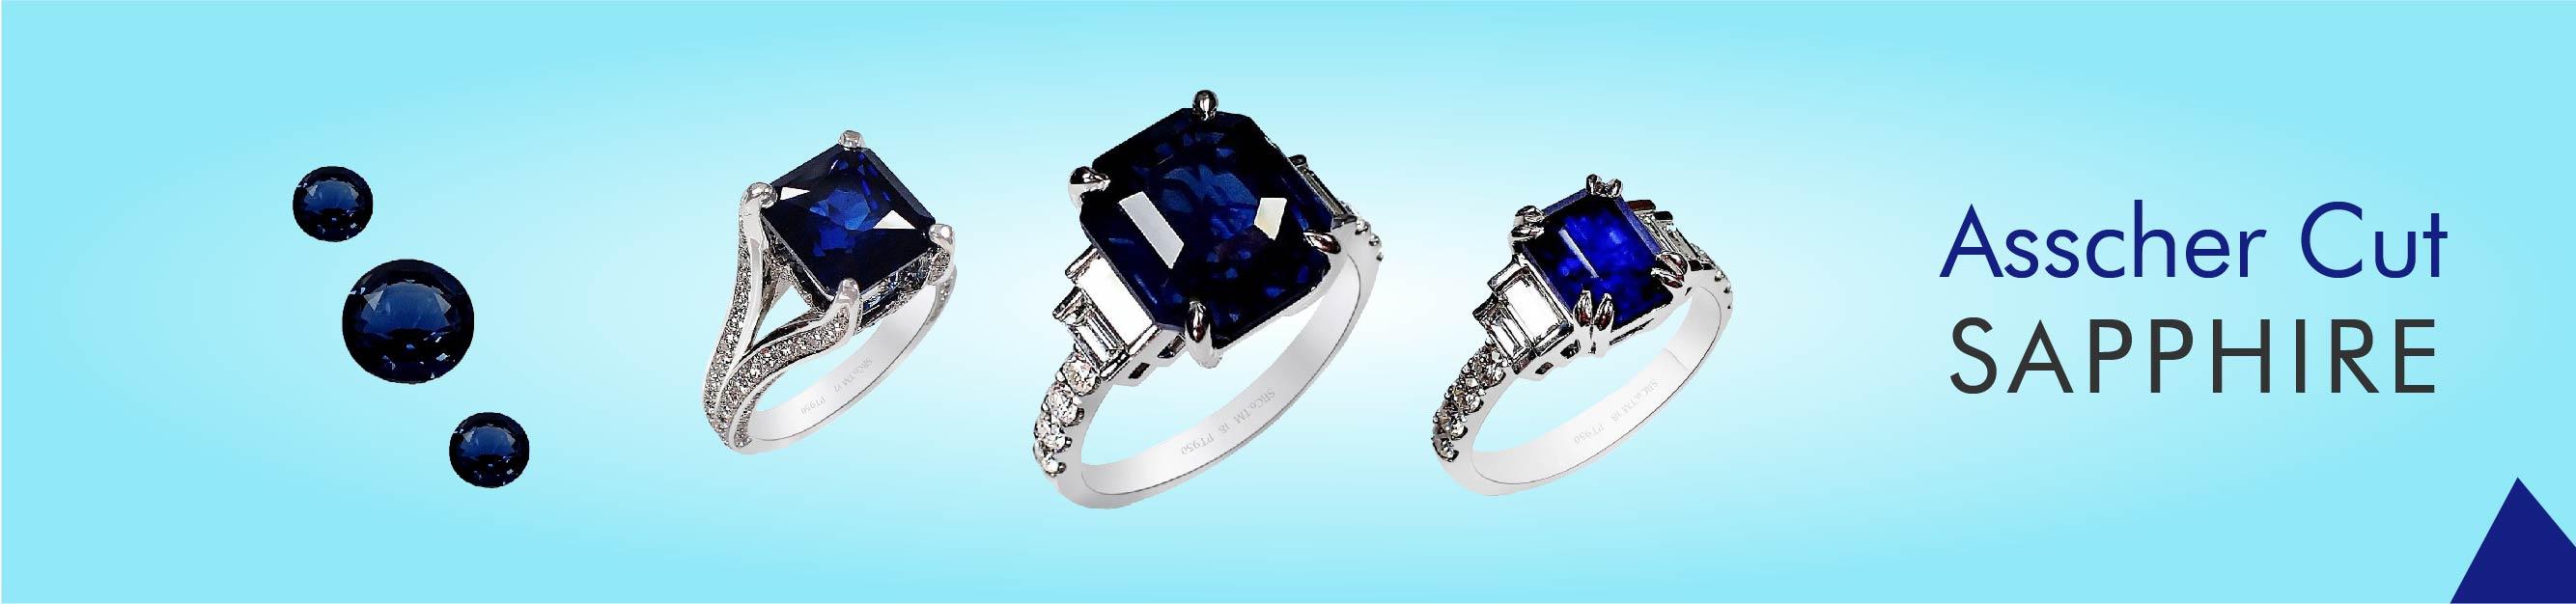 Asscher Cut Sapphires